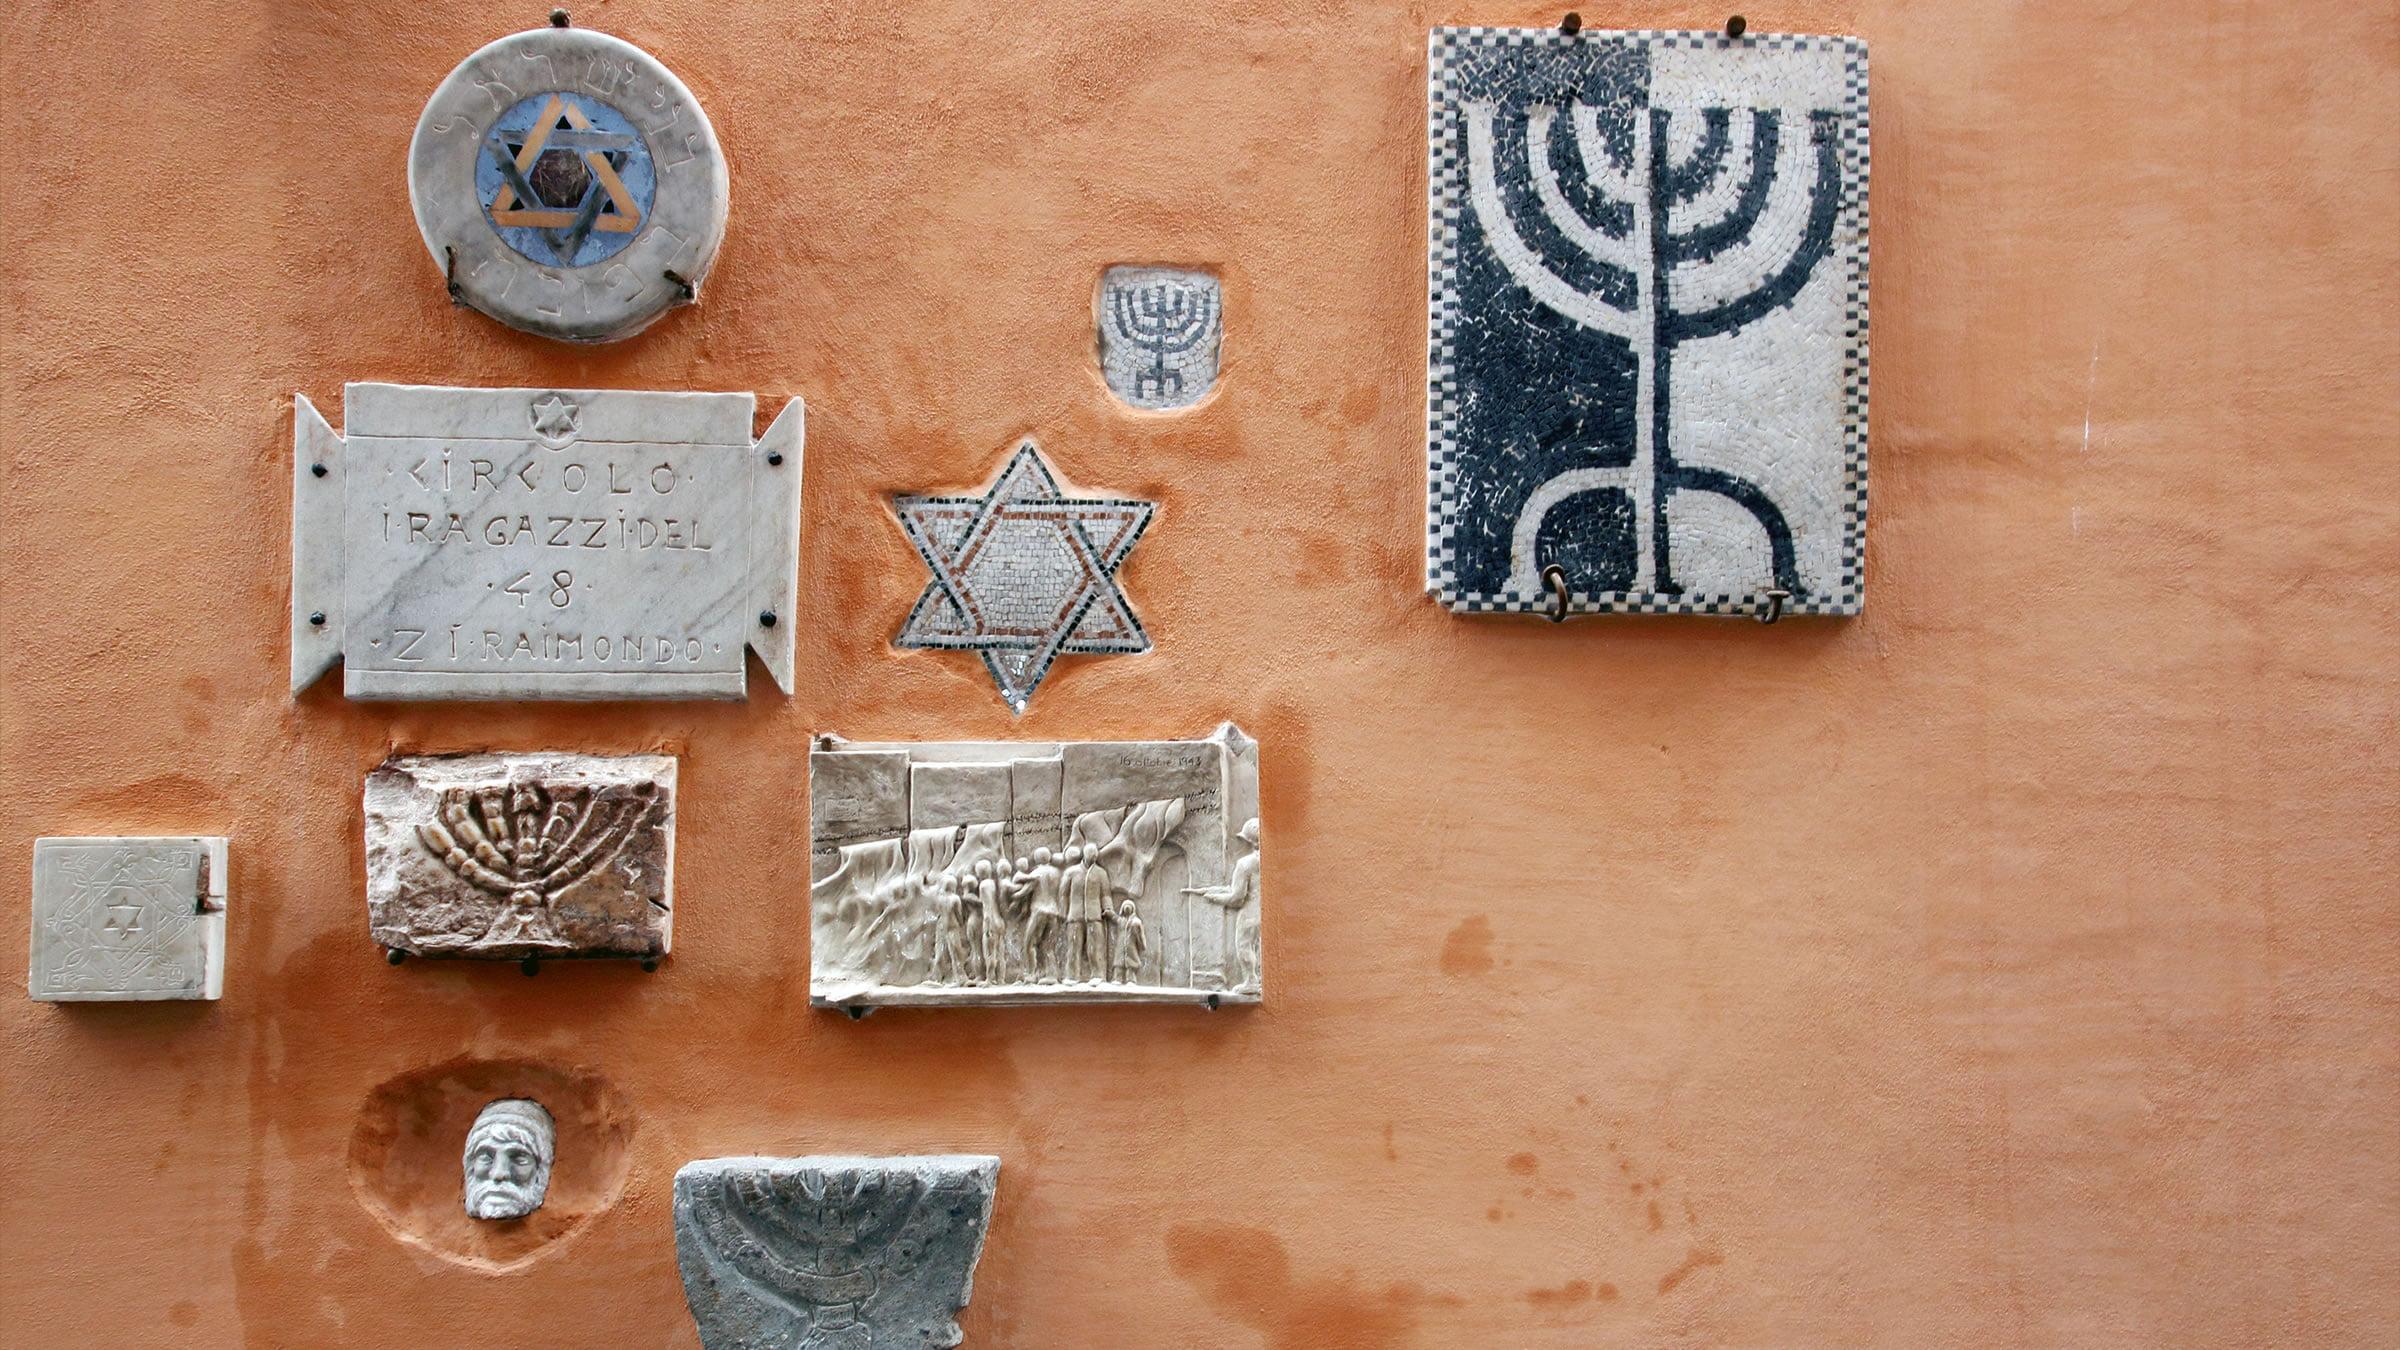 solteros judios mexico